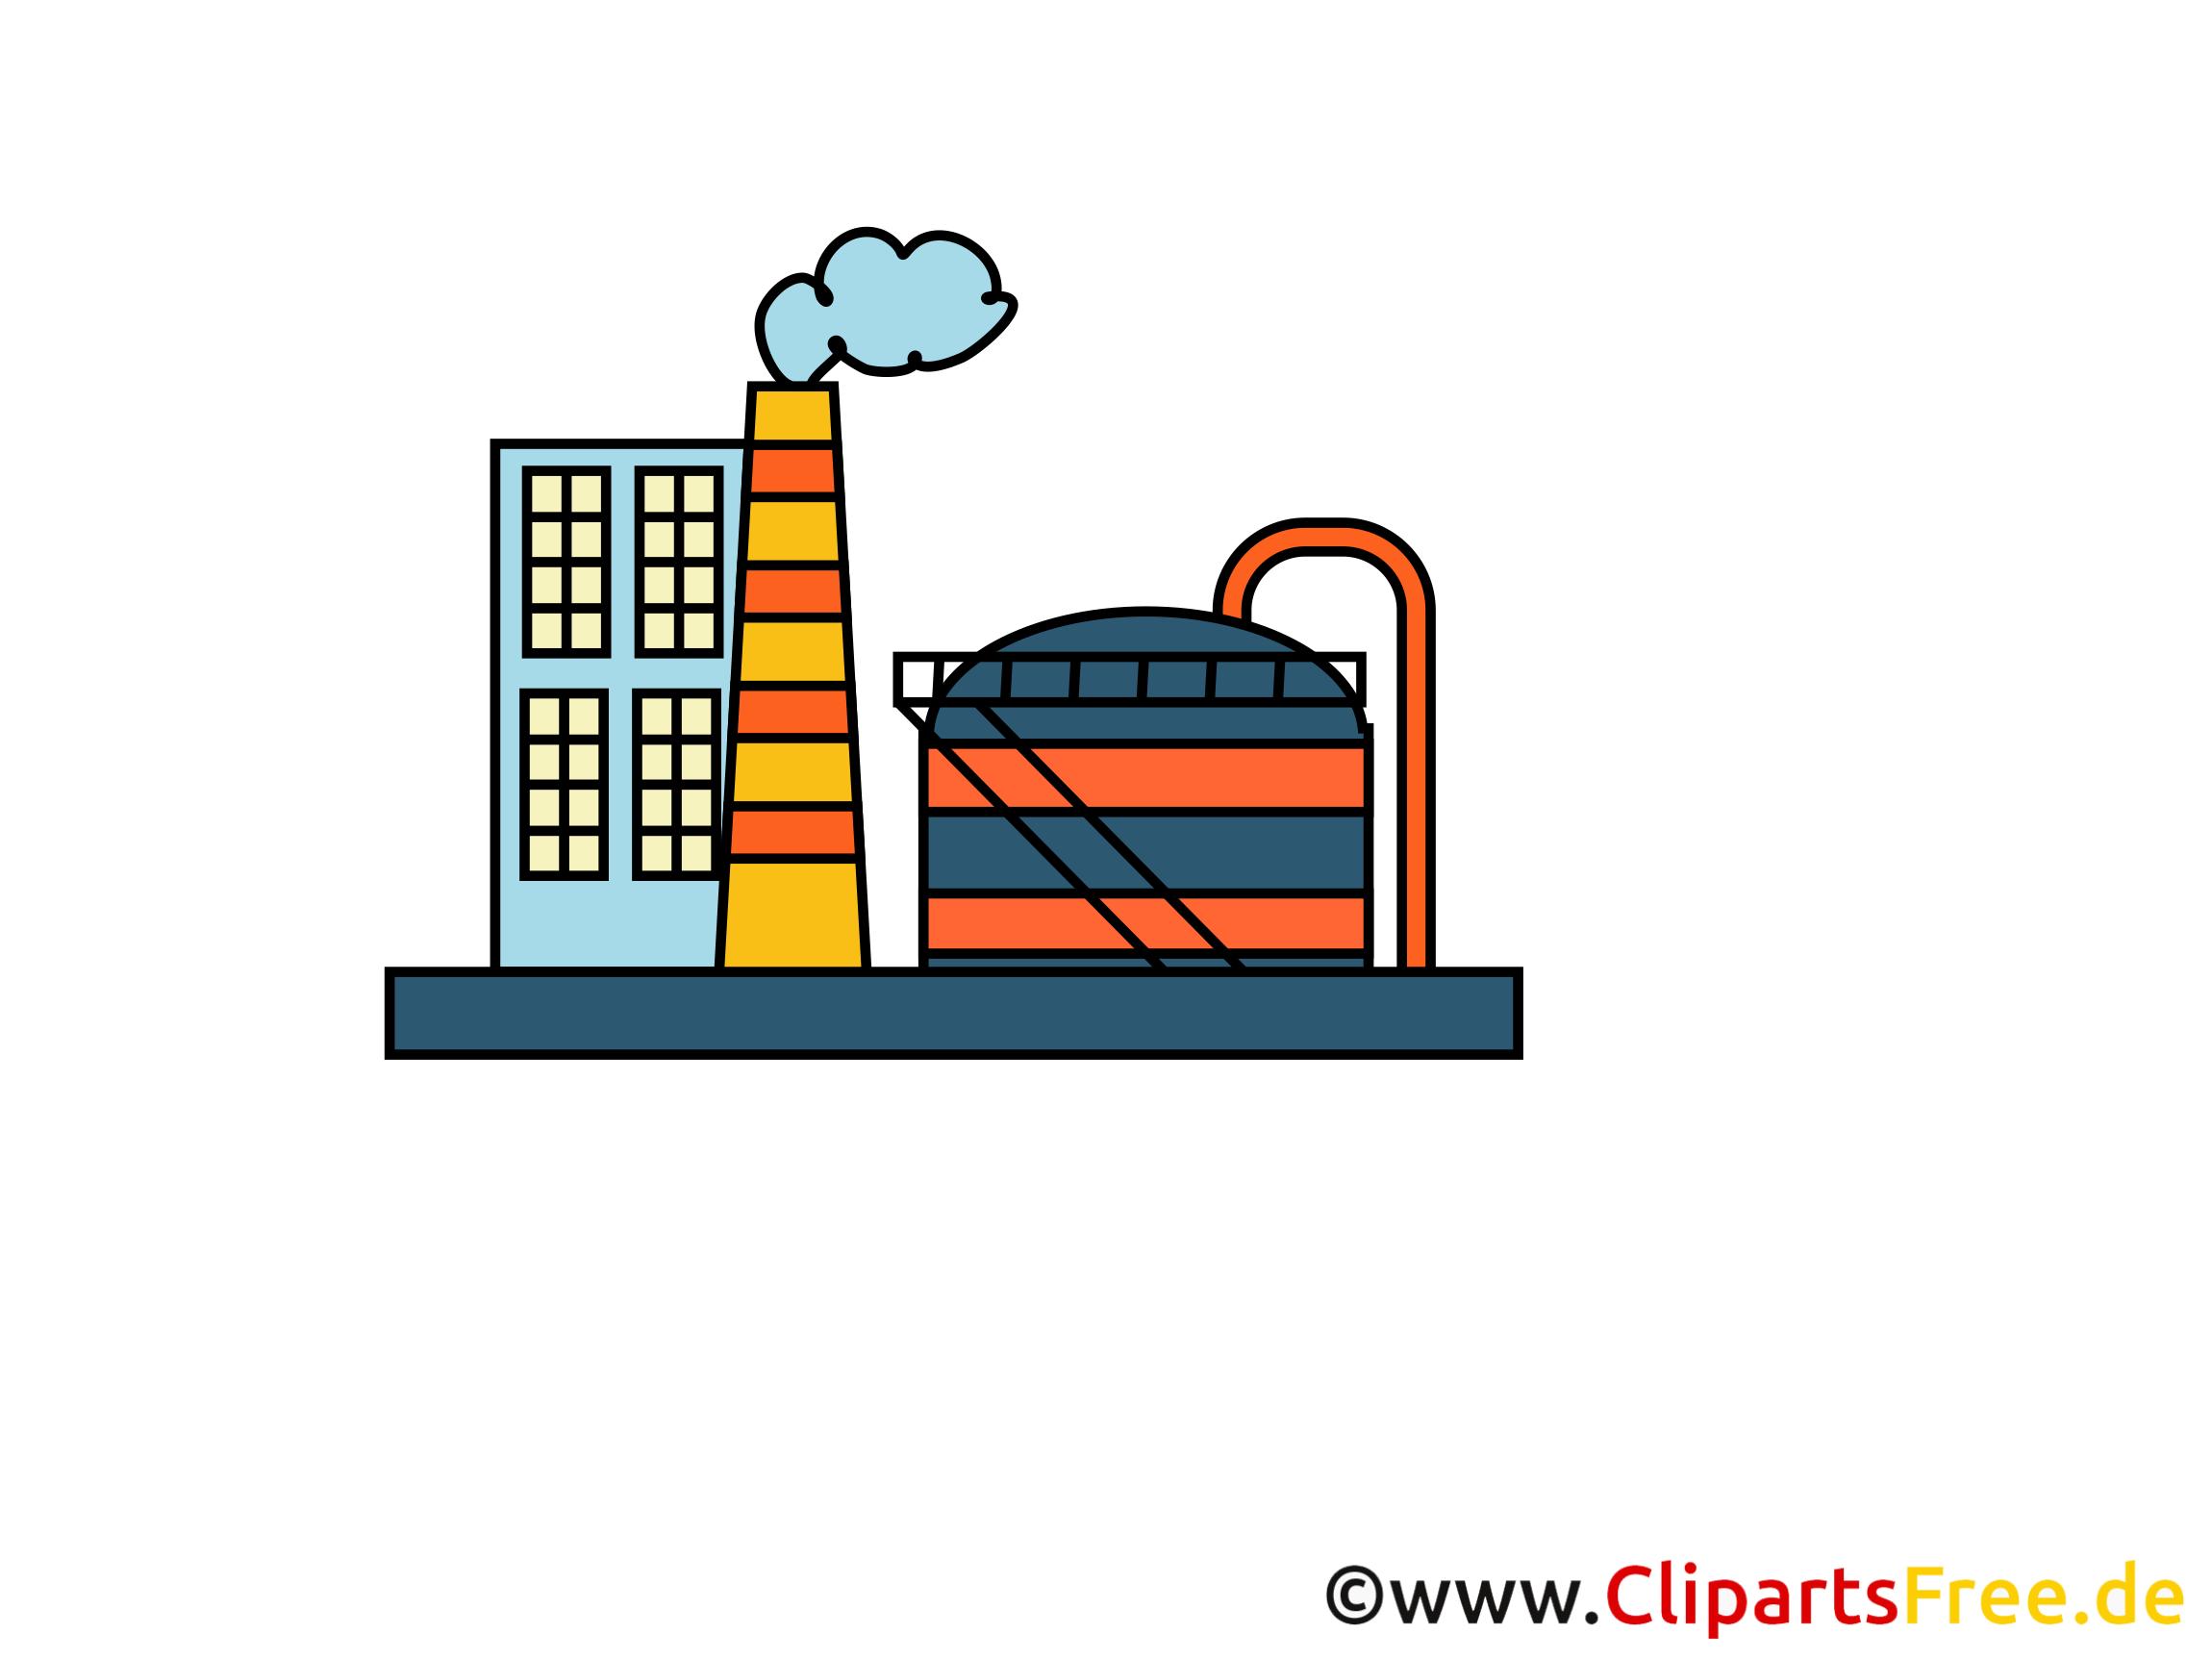 Images Usine Industrie Clip Art Gratuit Industrie Banque I Images Dessin Picture Image Graphic Clip Art Telecharger Gratuit